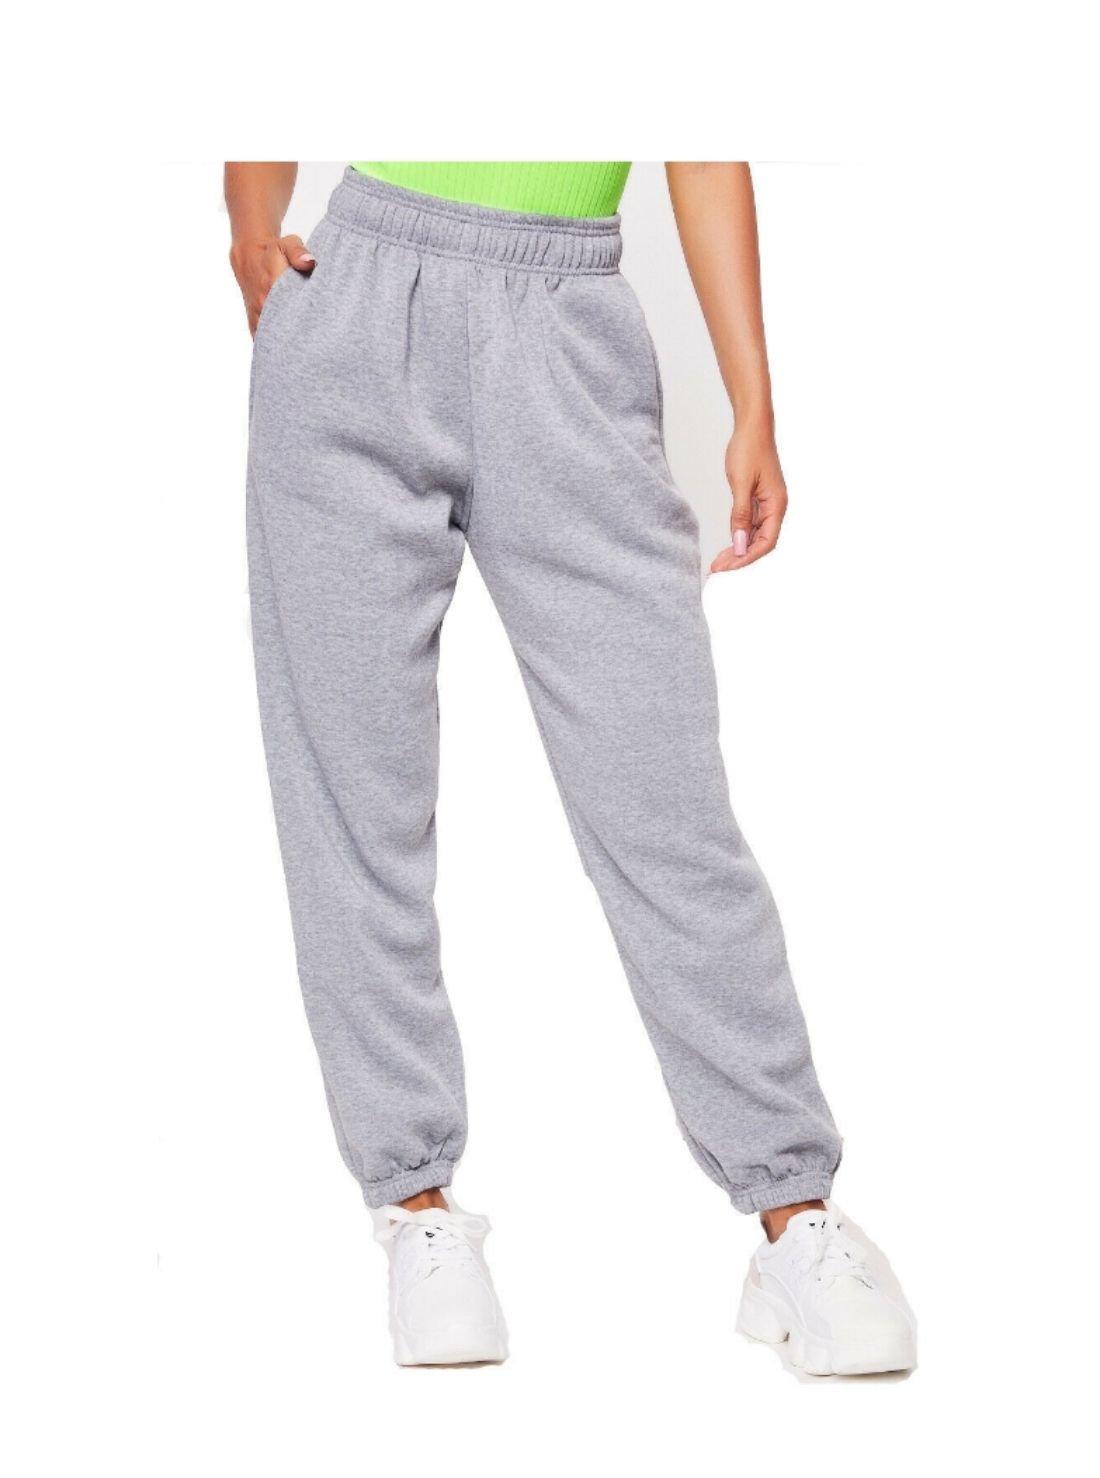 Wholesale Ladies' Jogger Pants